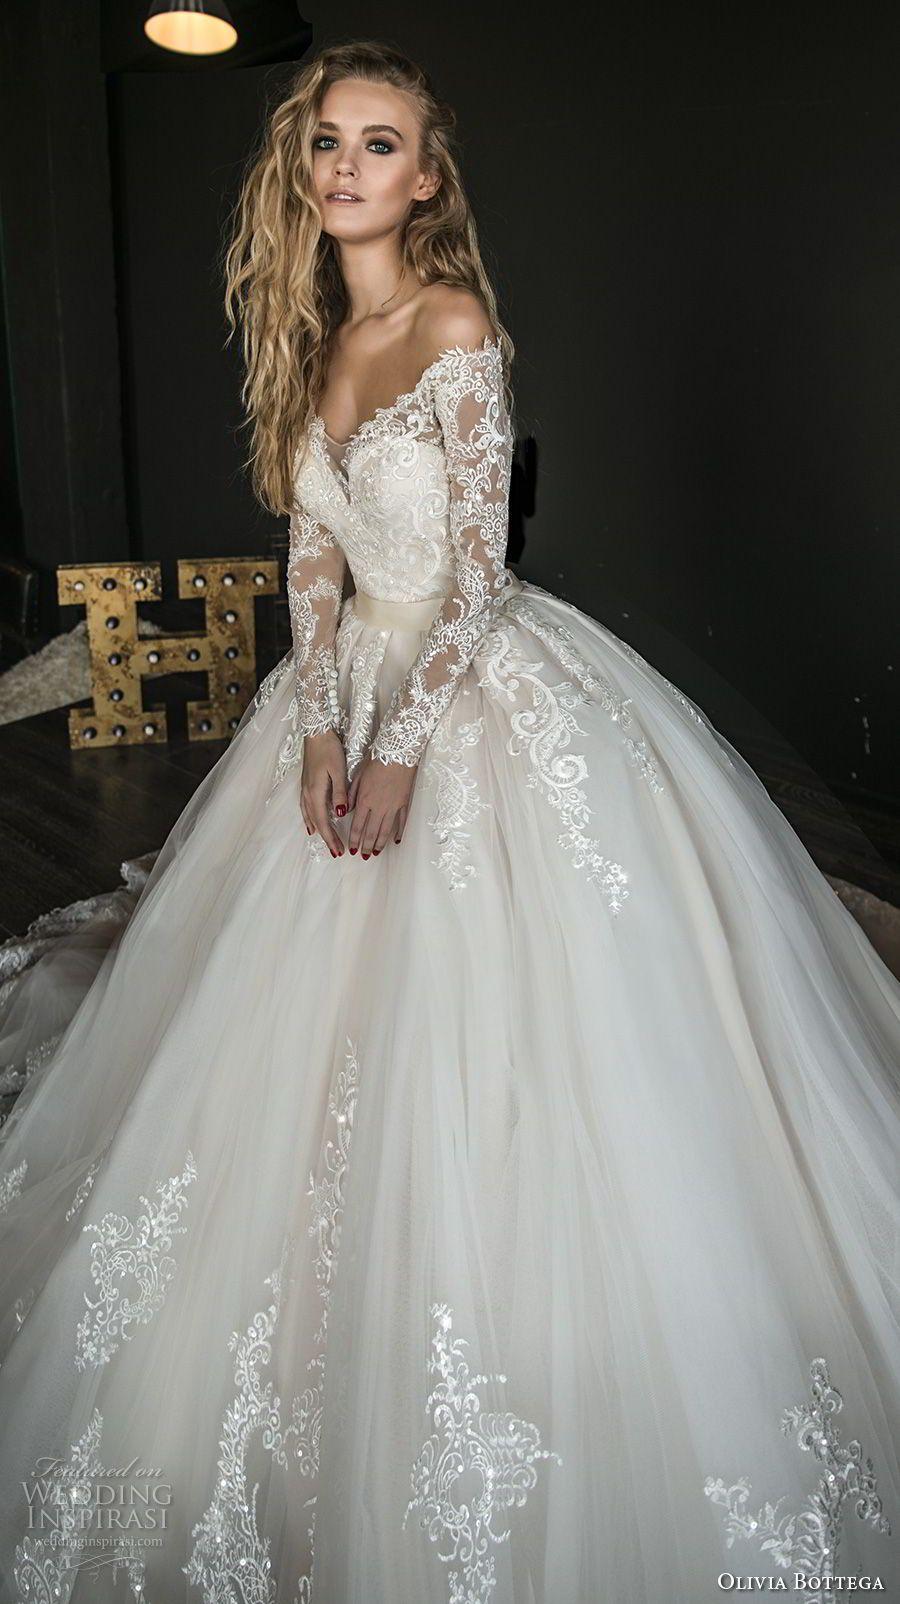 Olivia bottega wedding dresses wedding pinterest lace